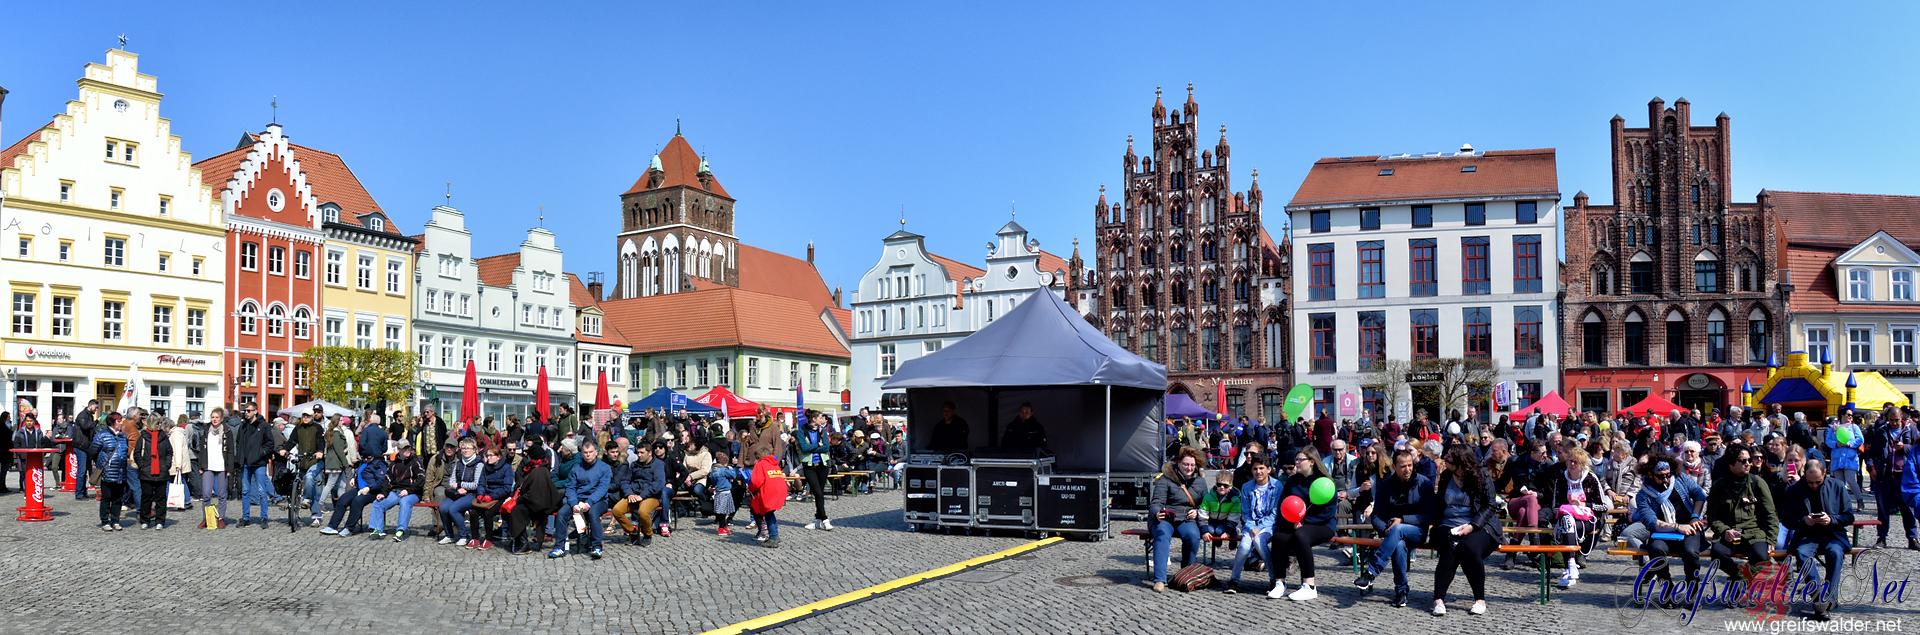 Kulturfest am 1. Mai in Greifswald